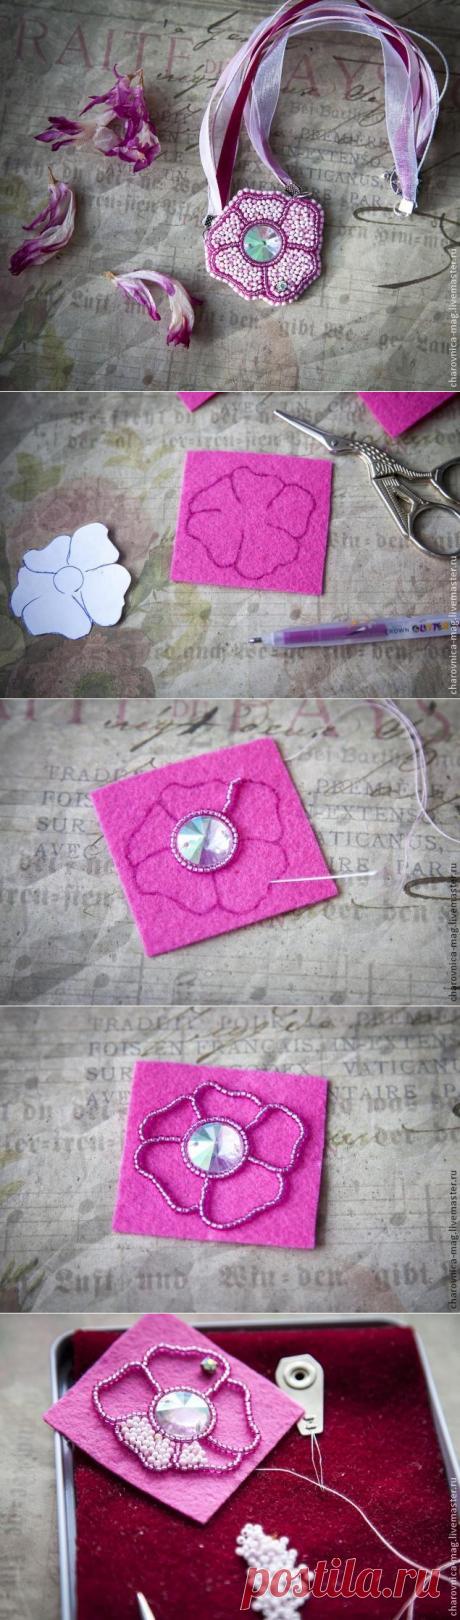 МК Вышивка бисером кулона в виде простого цветка